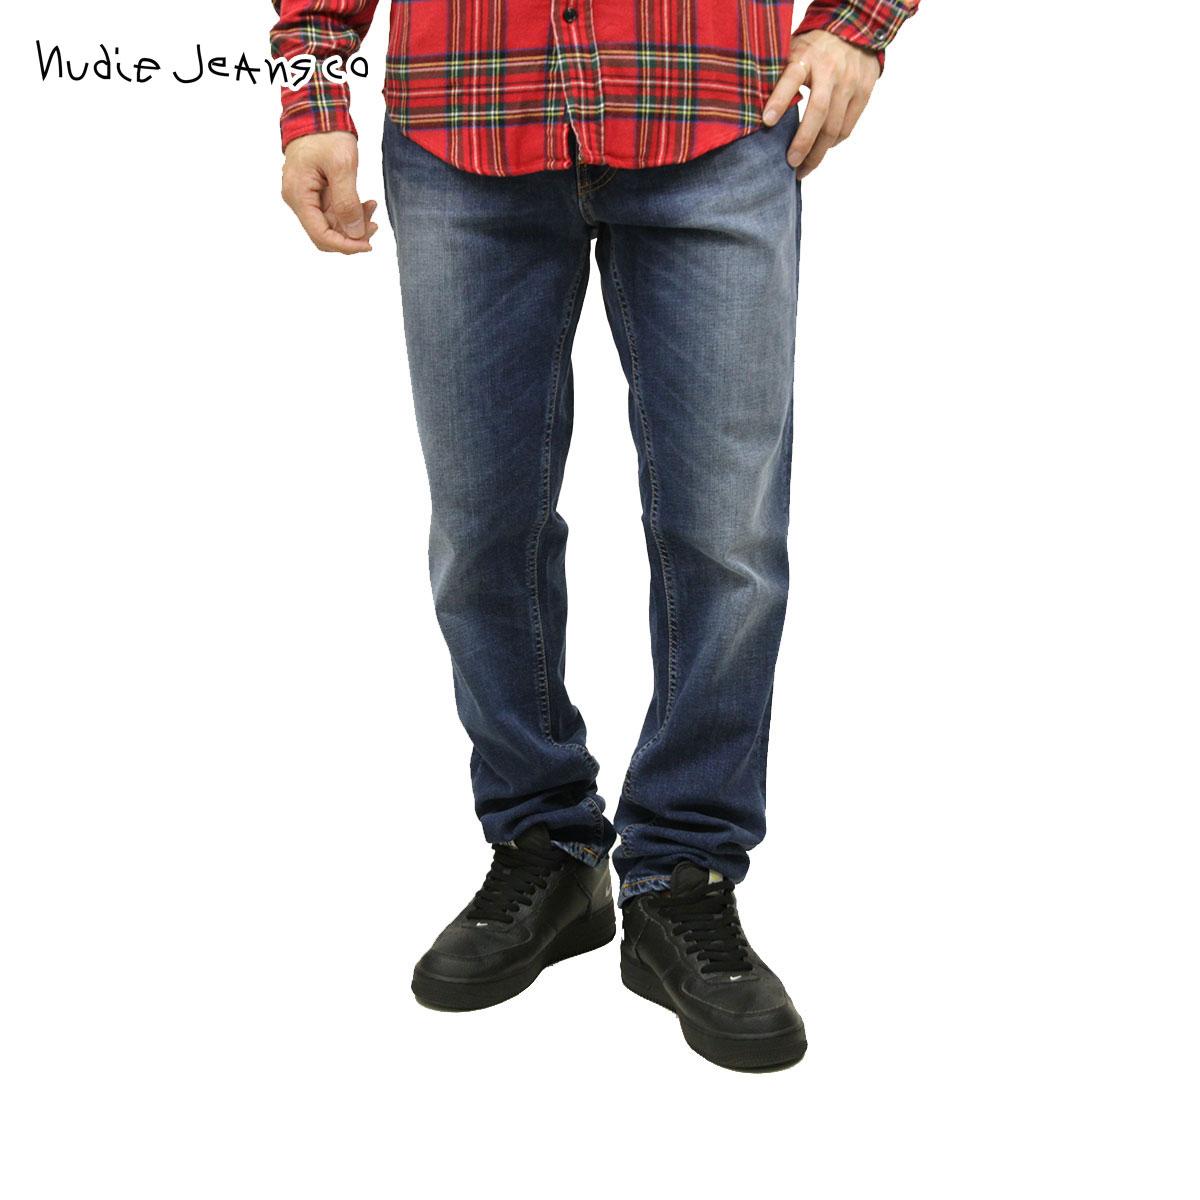 【販売期間 11/12 10:00~11/21 09:59】 ヌーディージーンズ Nudie Jeans 正規販売店 メンズ ジーンズ ヌーディージーンズ Lean Dean Bay Blue 471 1118220 D15S25